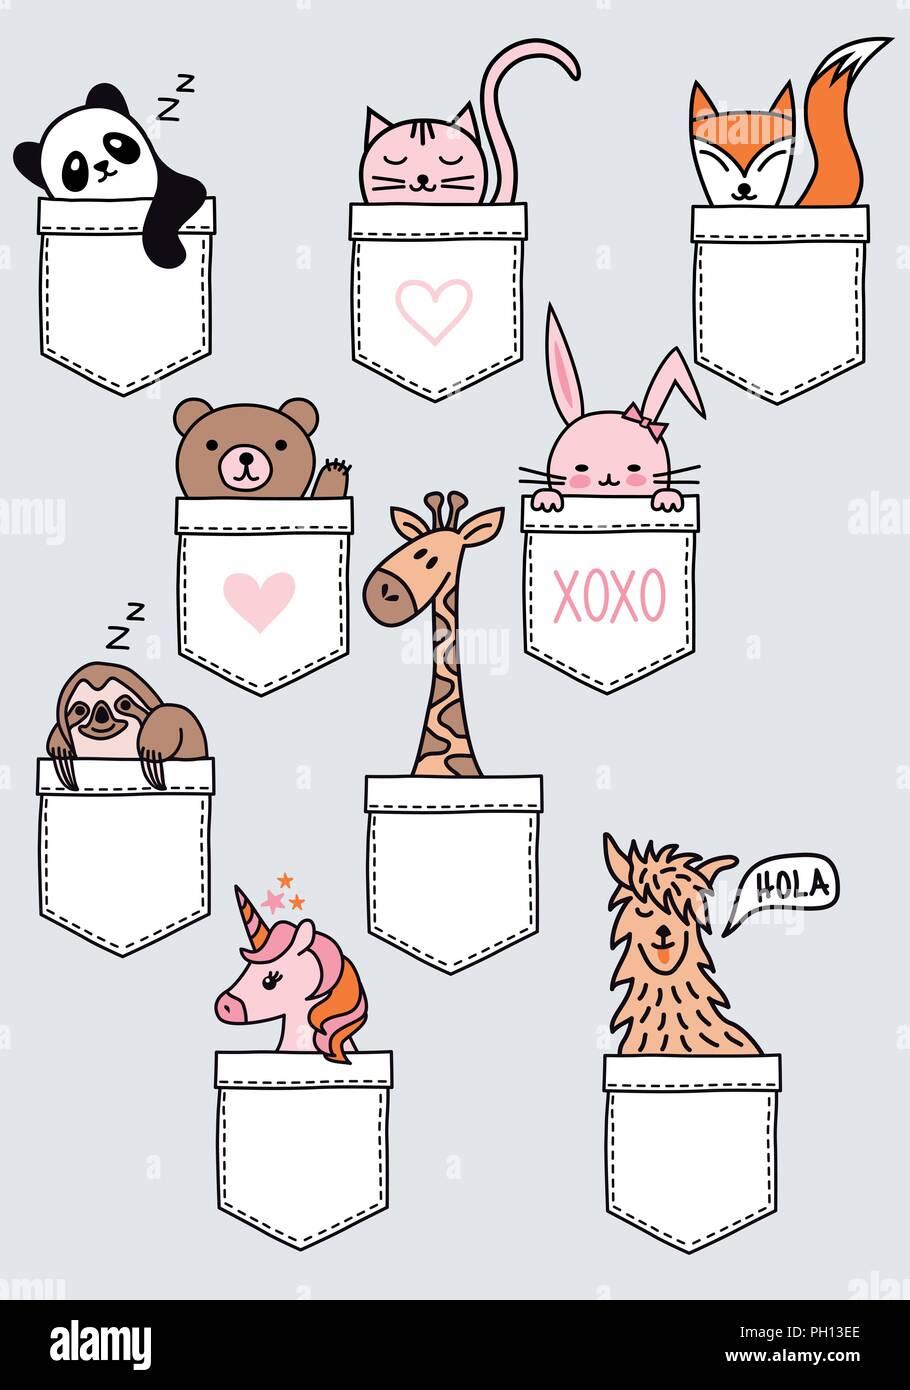 Cute Baby Tiere in einer Tasche, Panda, Bär, Katze, Fuchs, Hase, Faultiere, Giraffe sitzend, Einhorn, Lama, der vektor design Elemente einstellen Stock Vektor